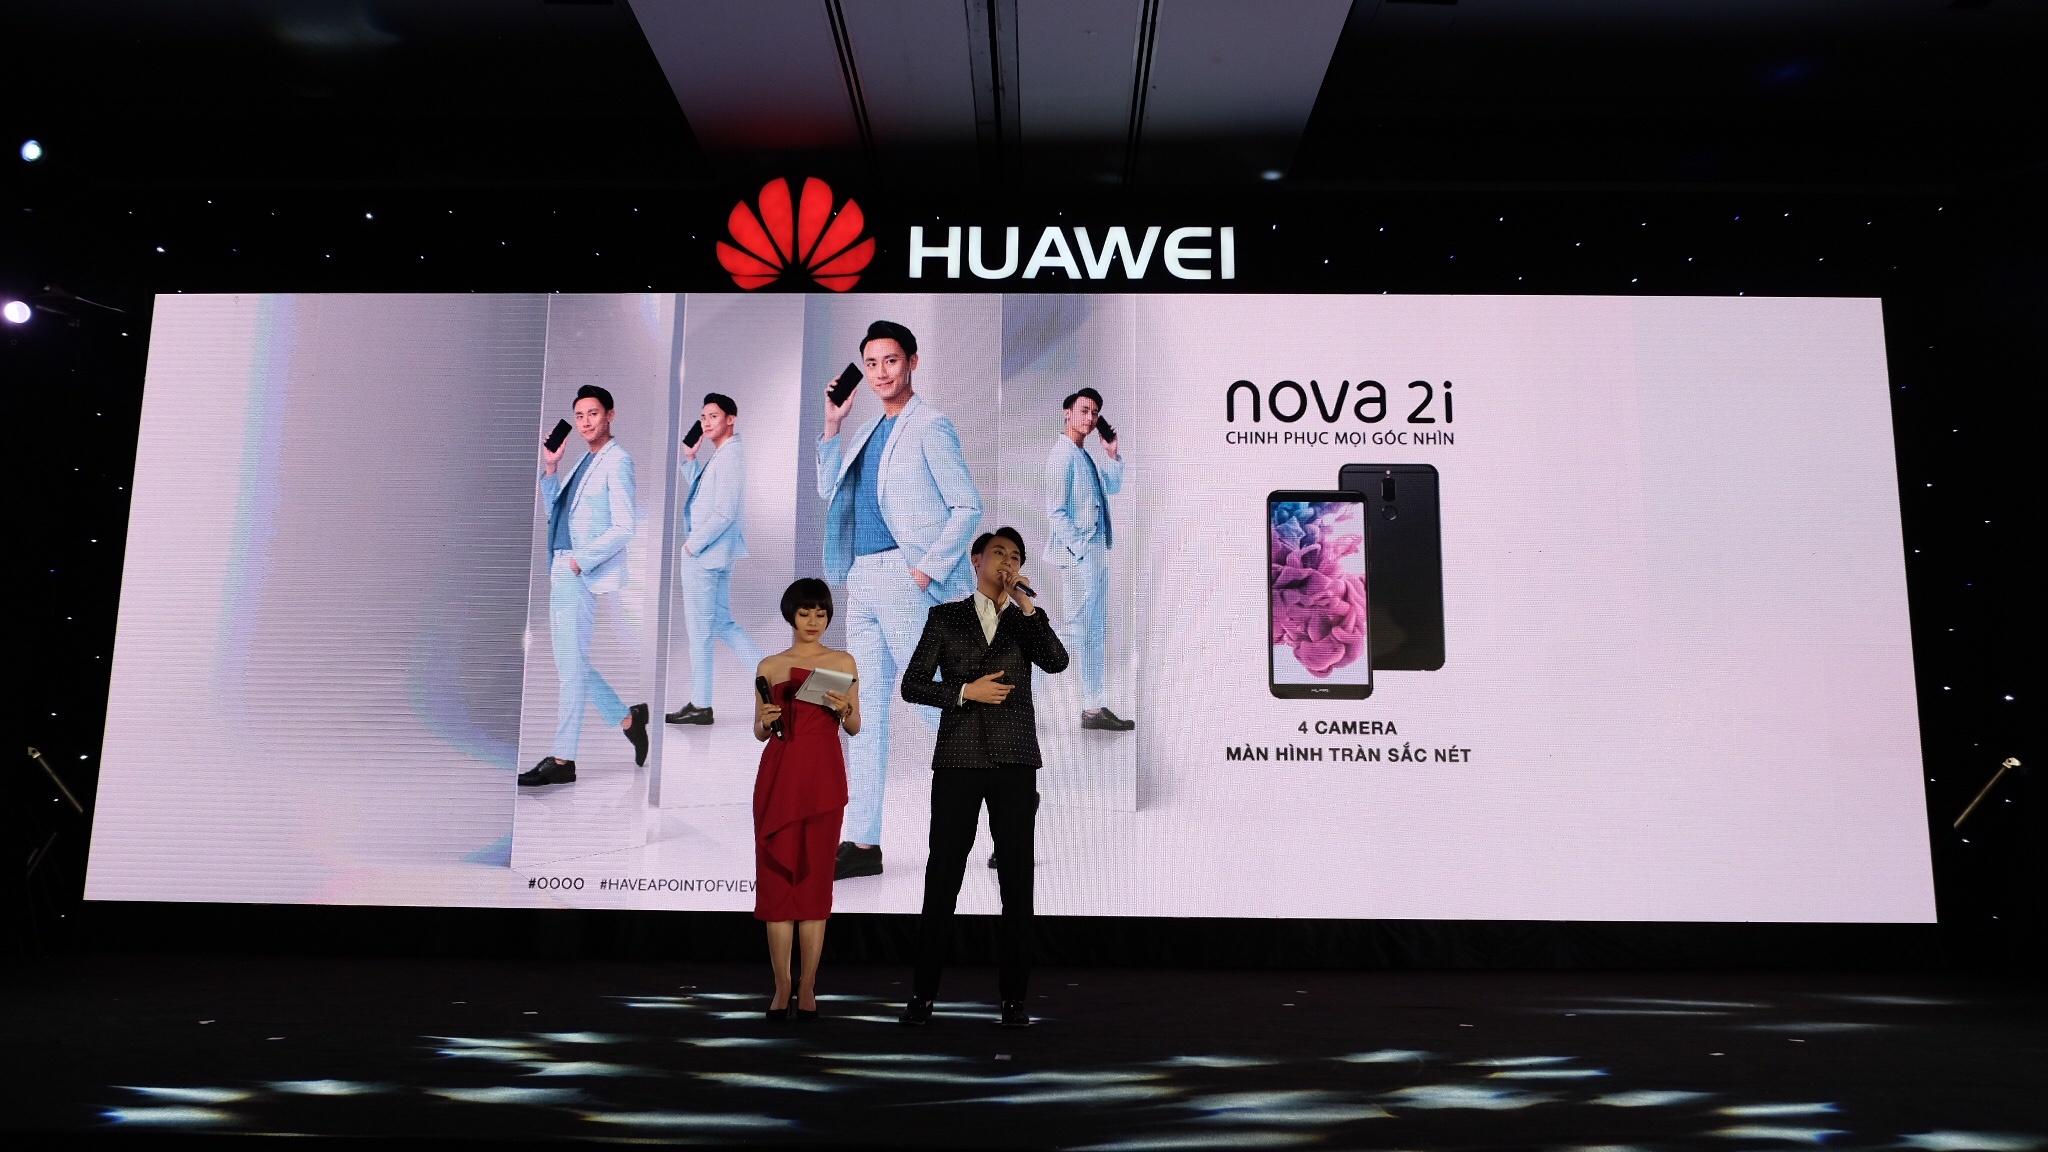 Huawei ra mat smartphona Nova 2i anh 8